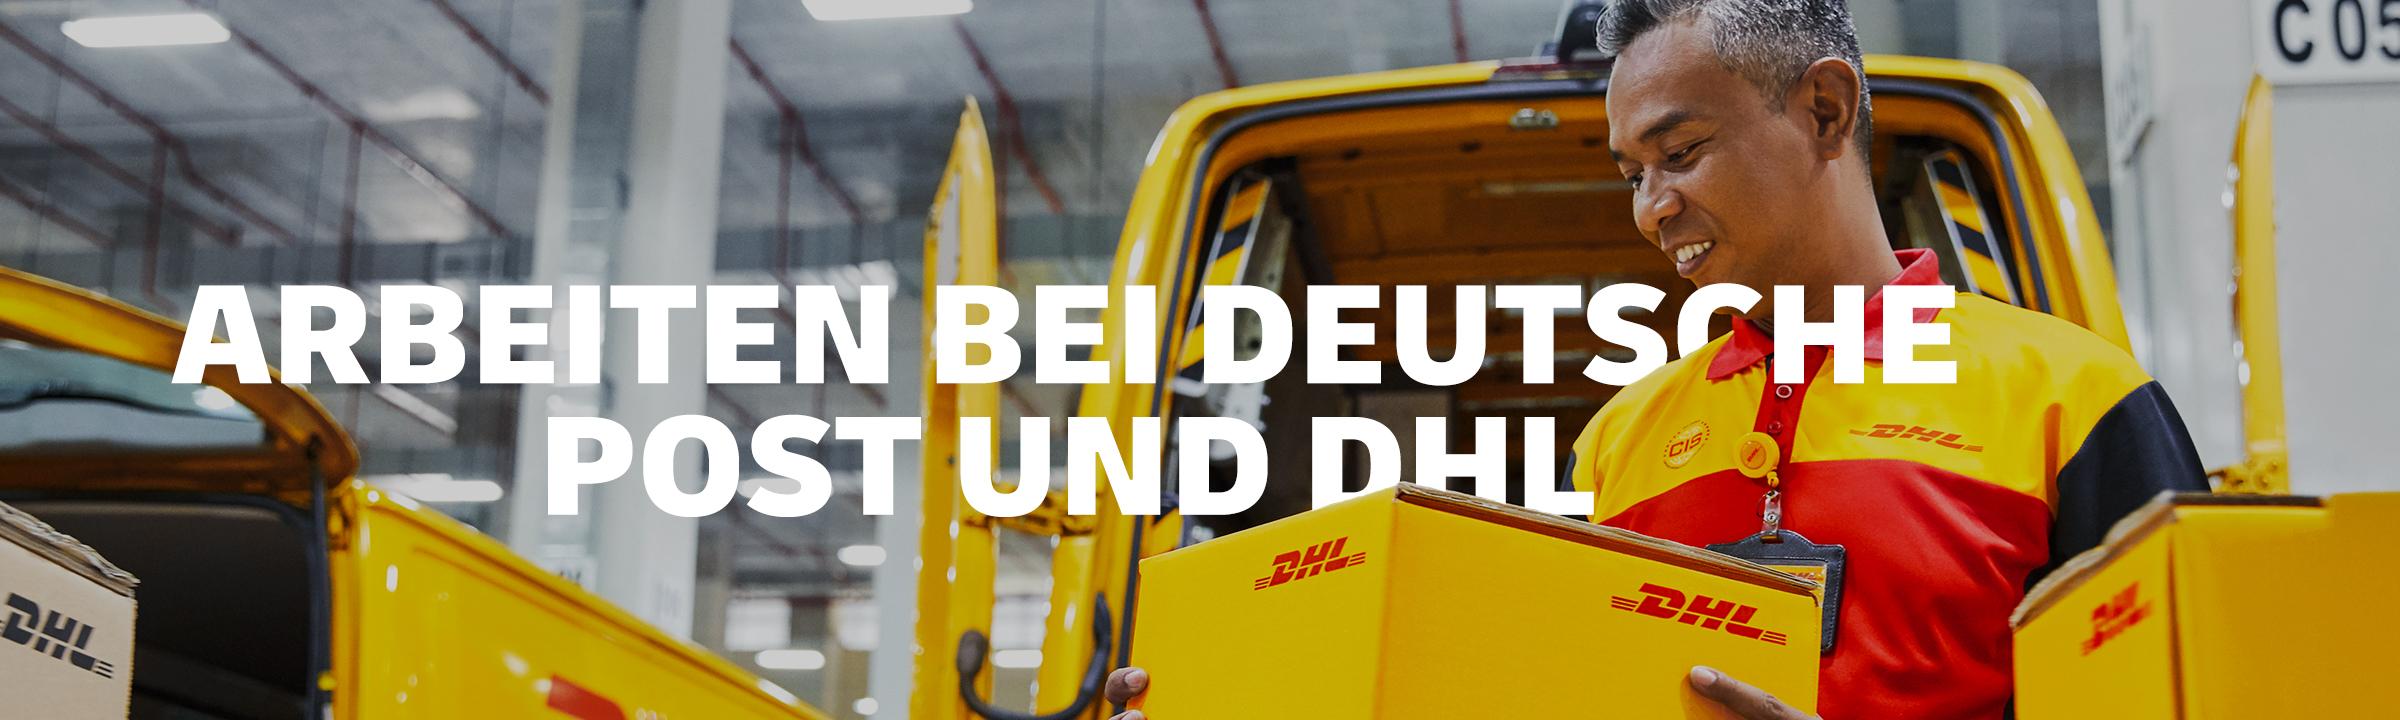 Arbeiten bei Deutsche Post und DHL